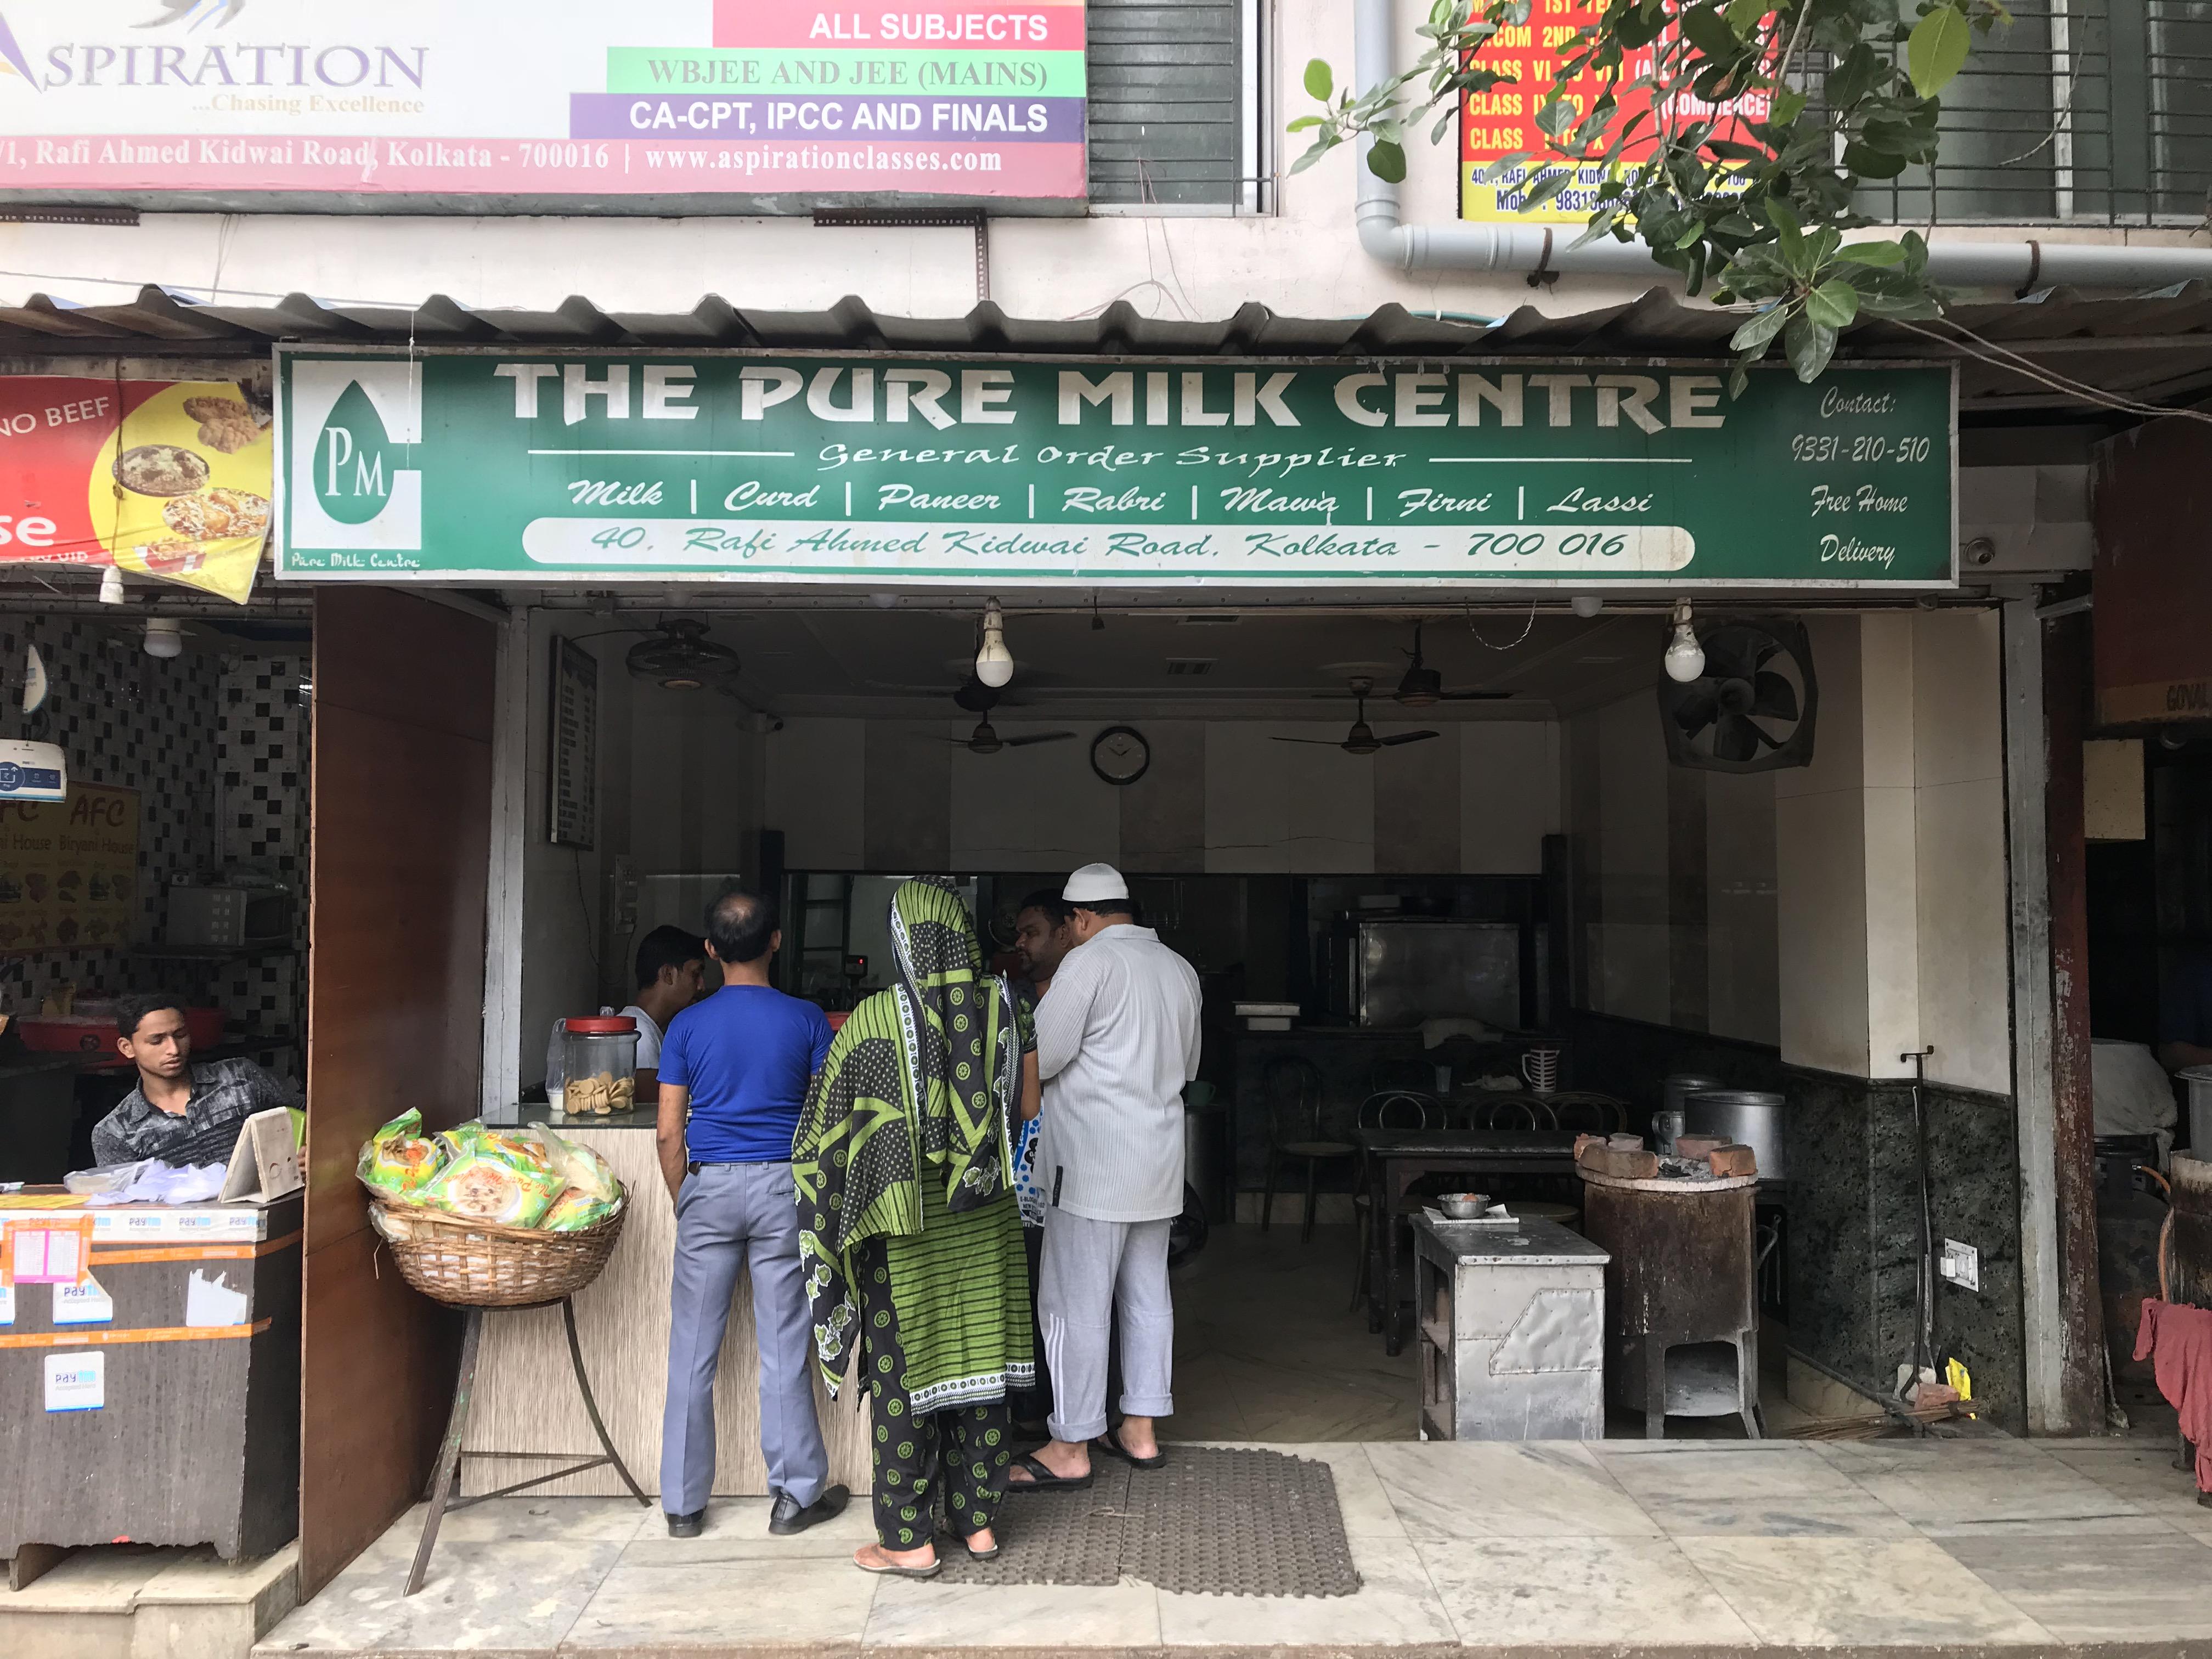 The Pure Milk Centre